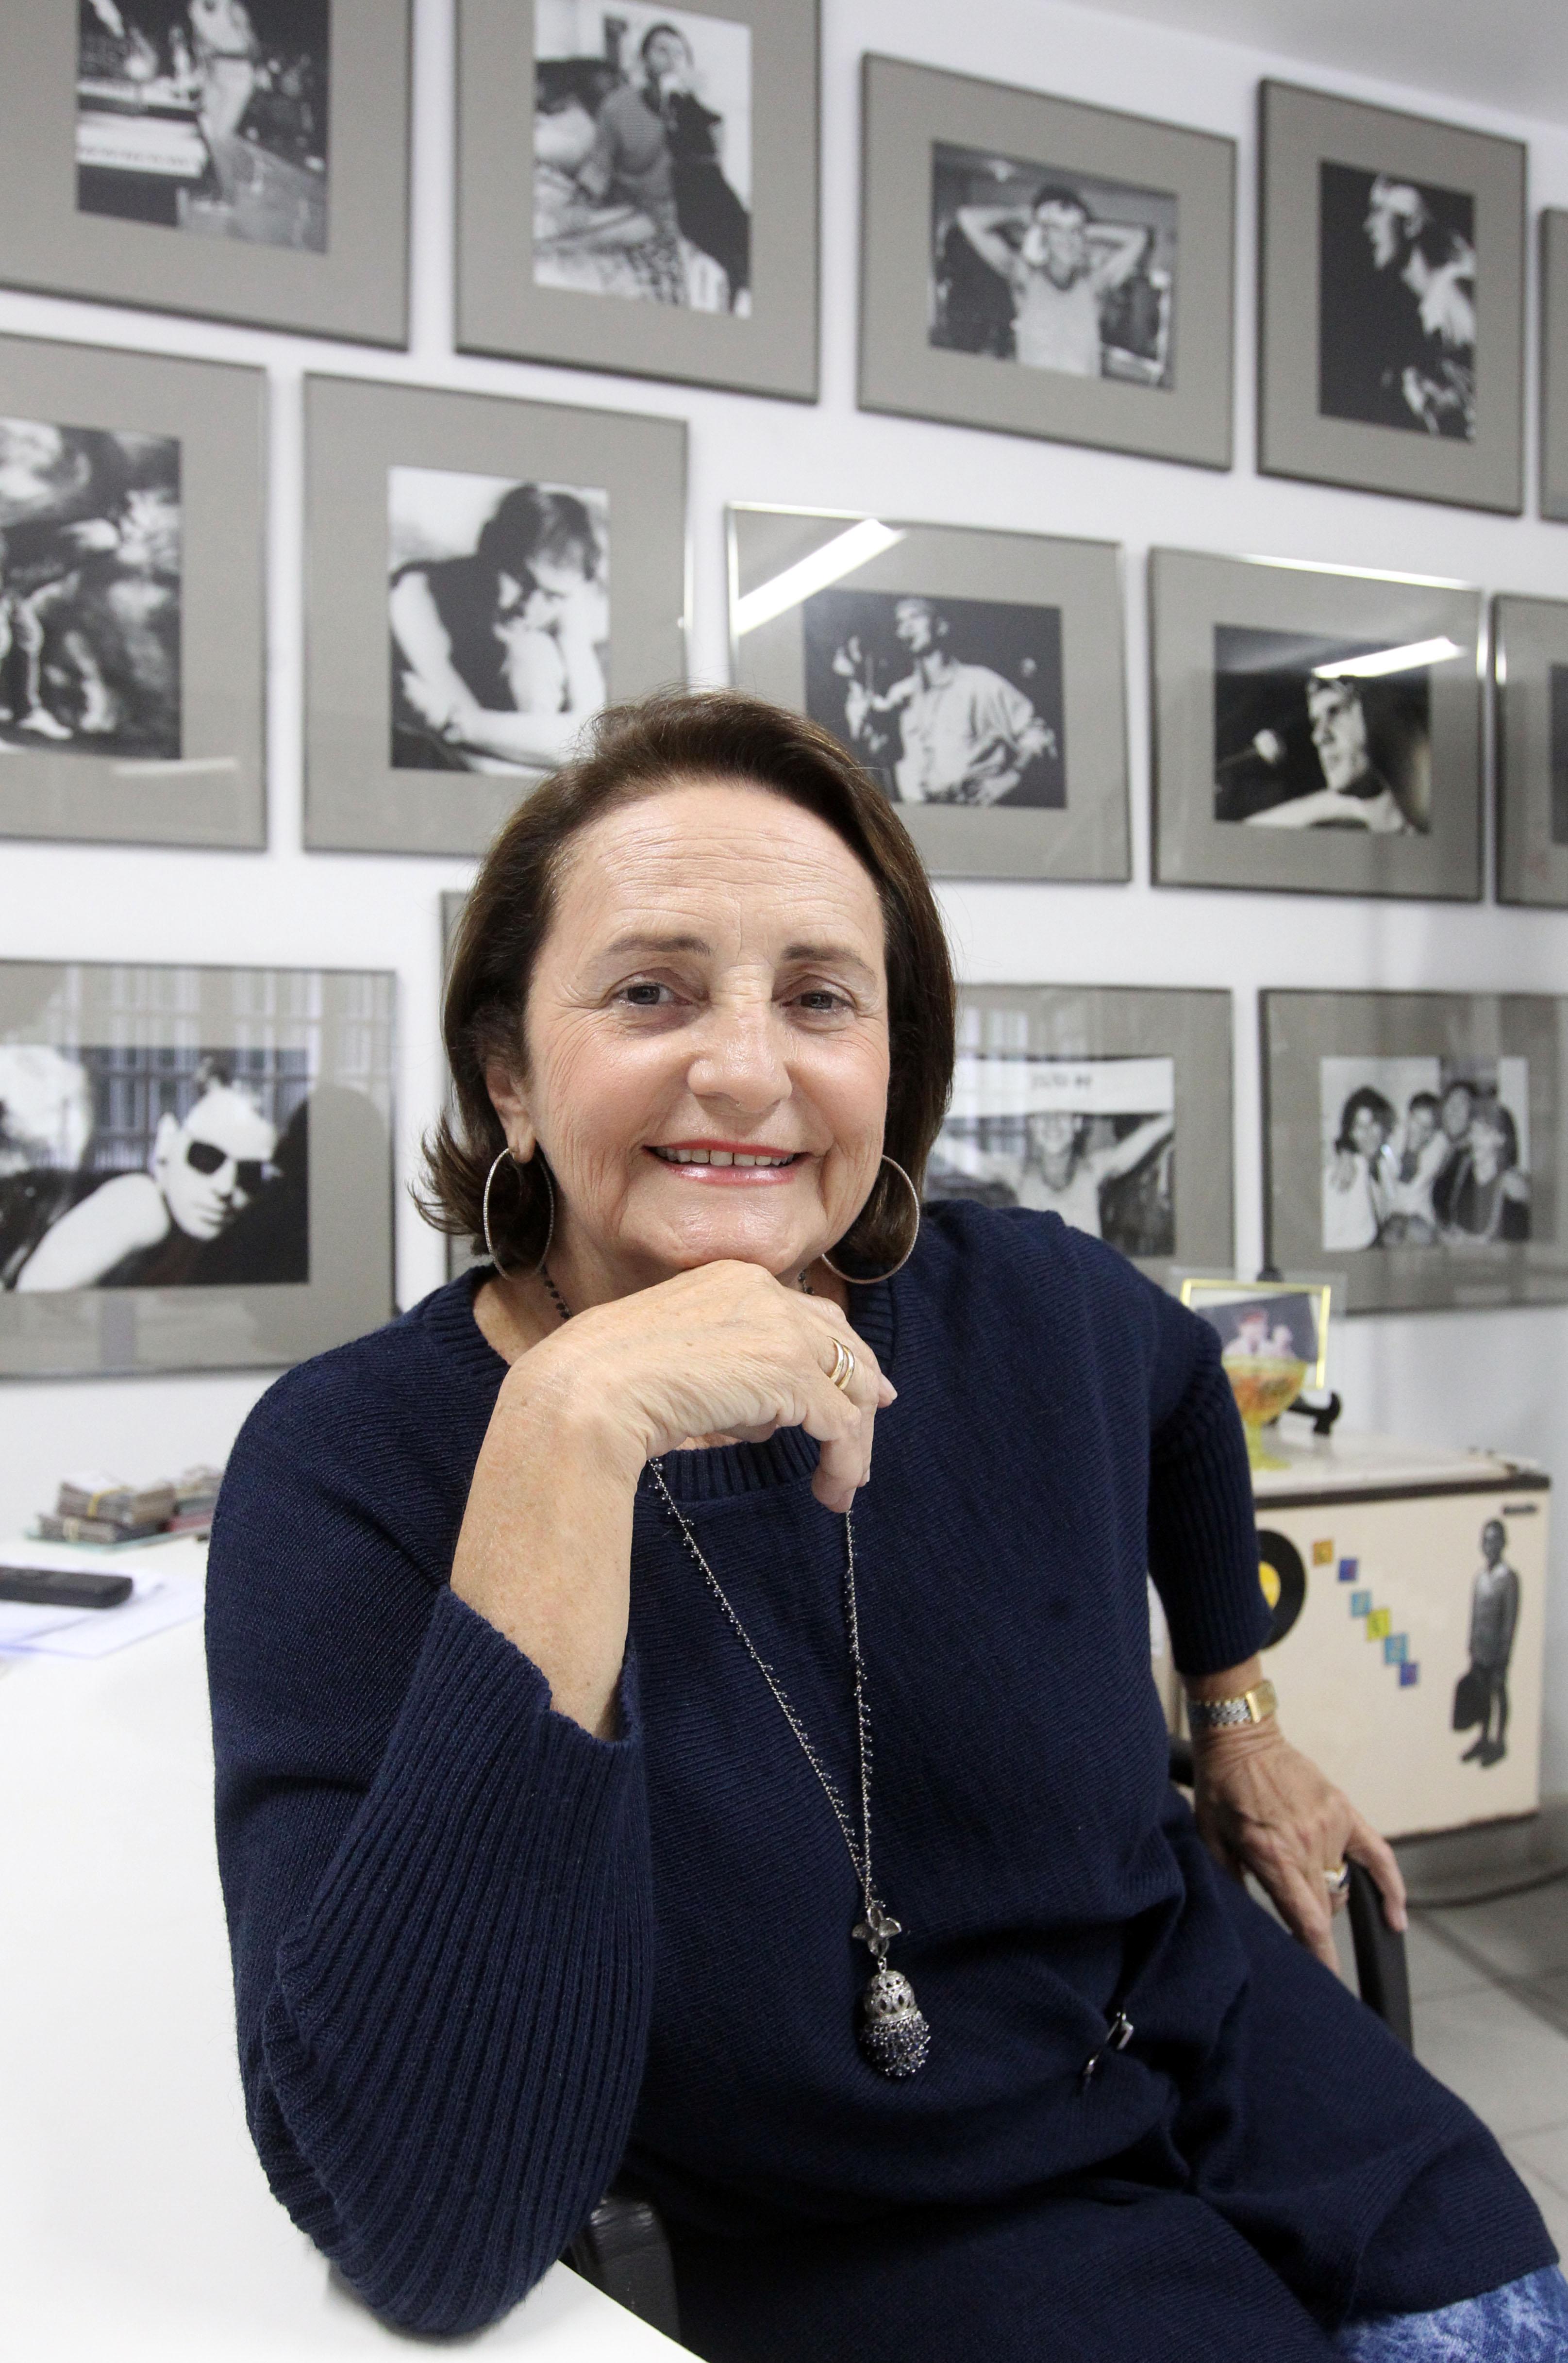 Rio de Janeiro, 06 de maio 2011. Entrevista com Lucinha Araujo, mae de Cazuza na instituicaoo Viva Cazuza, em Laranjeiras, na zona sul do Rio de Janeiro. (Foto: FABIO MOTTA/AE)